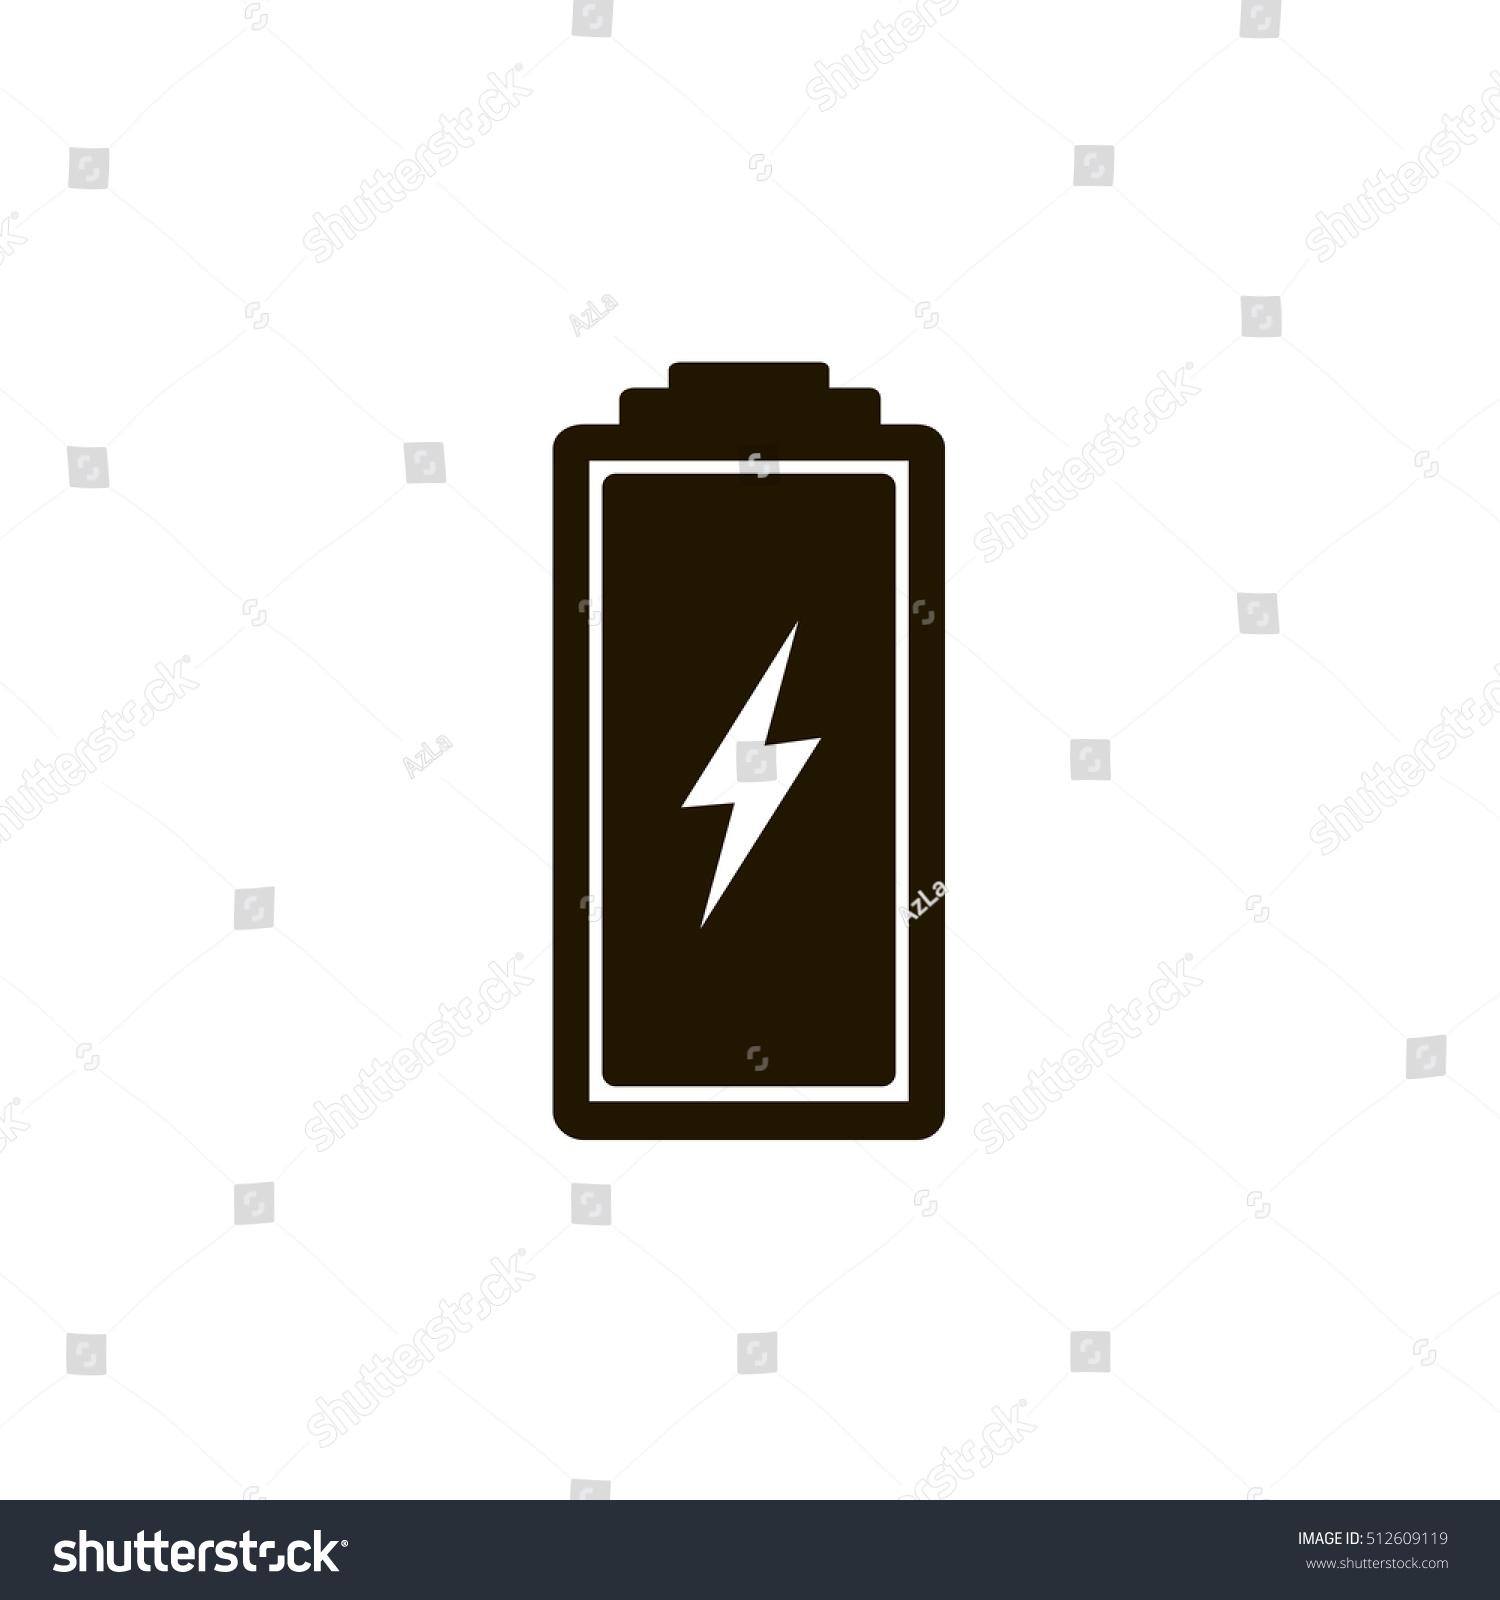 Charging Battery Icon Vector Stock-Vektorgrafik 512609119 – Shutterstock